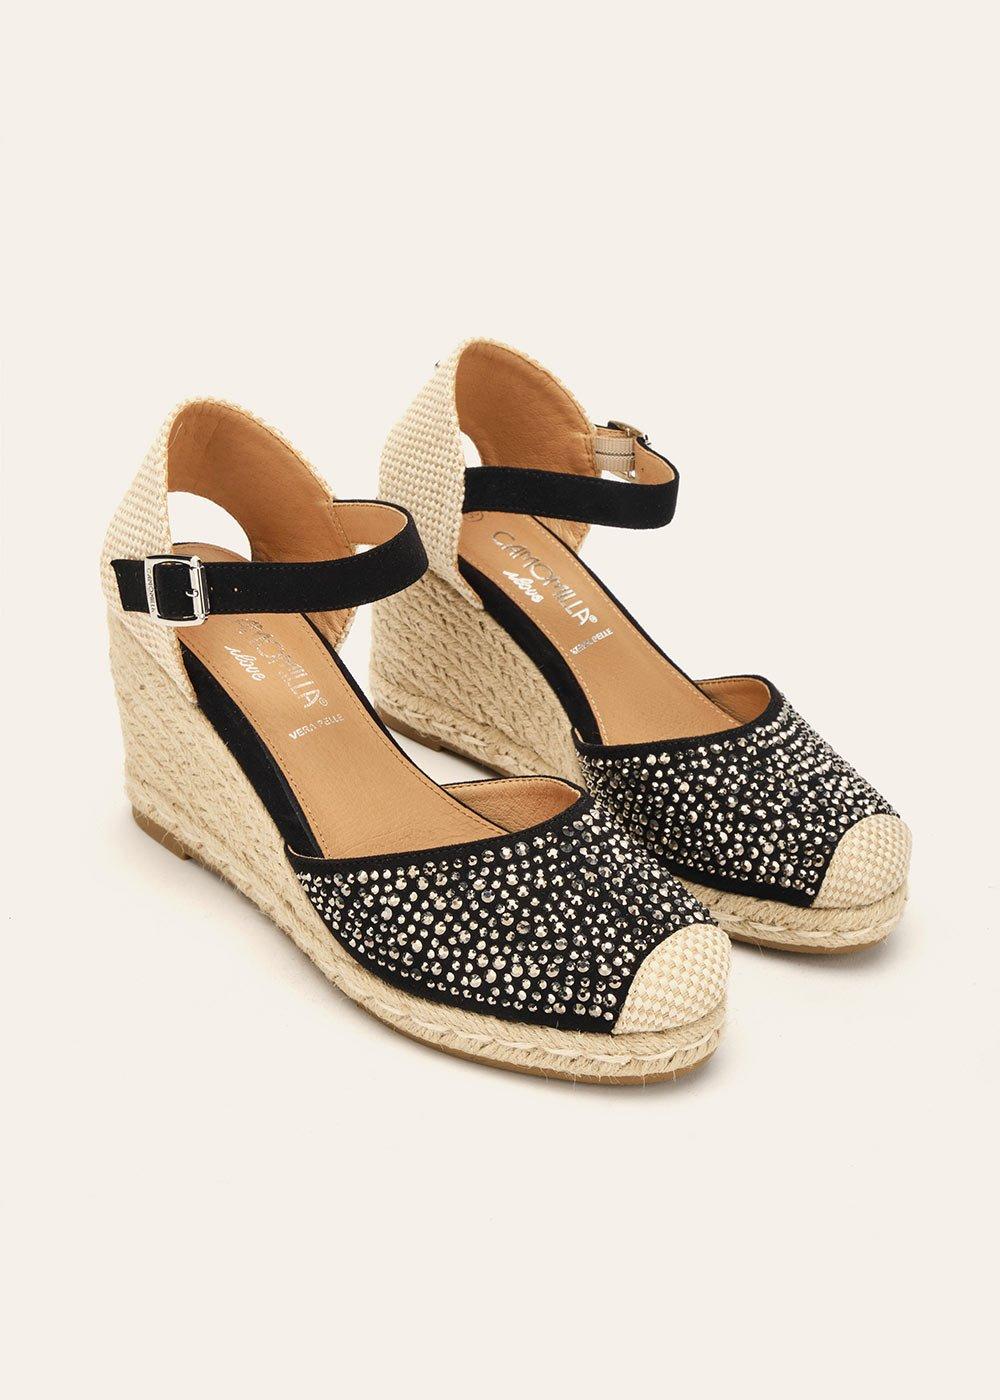 Sheyen espadrille-model sandal - Black - Woman